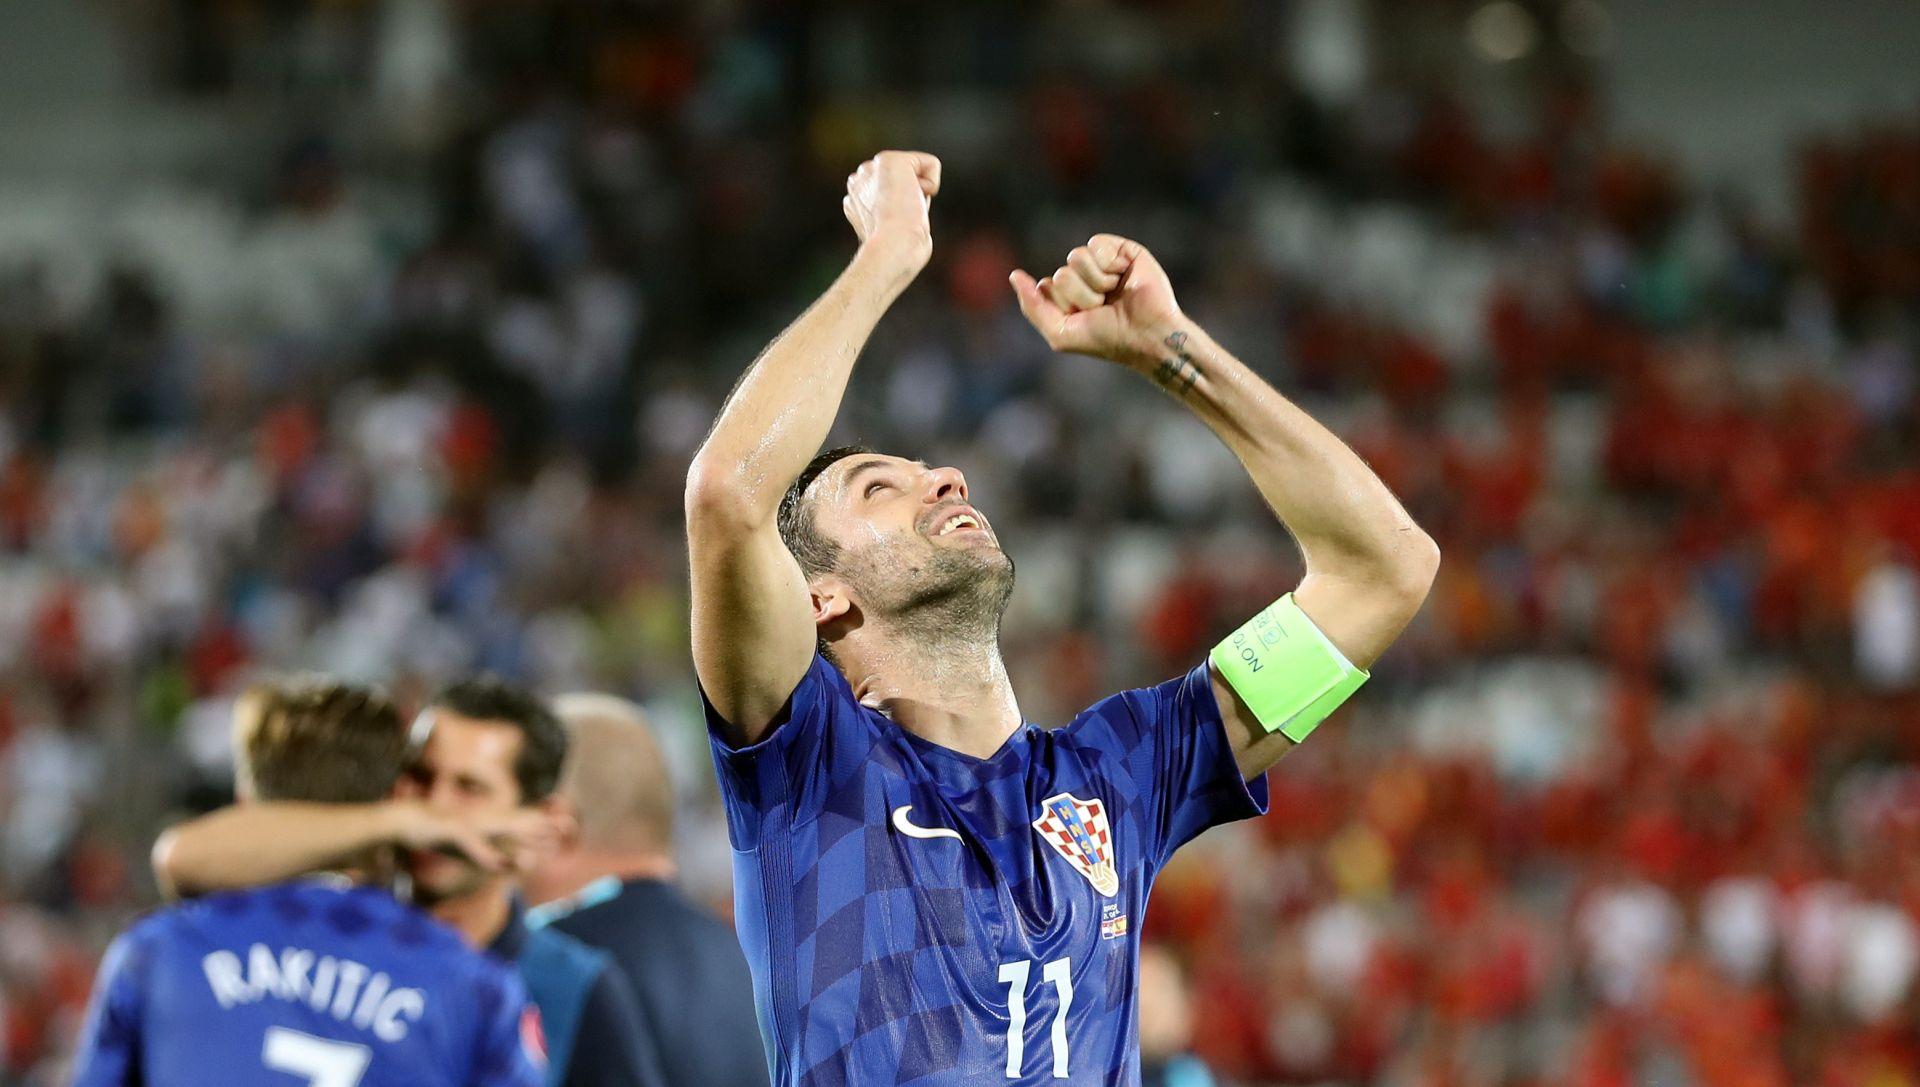 NOVINAR UEFA-E Ovo je pet razloga zbog kojih bi Hrvatska mogla osvojiti EURO